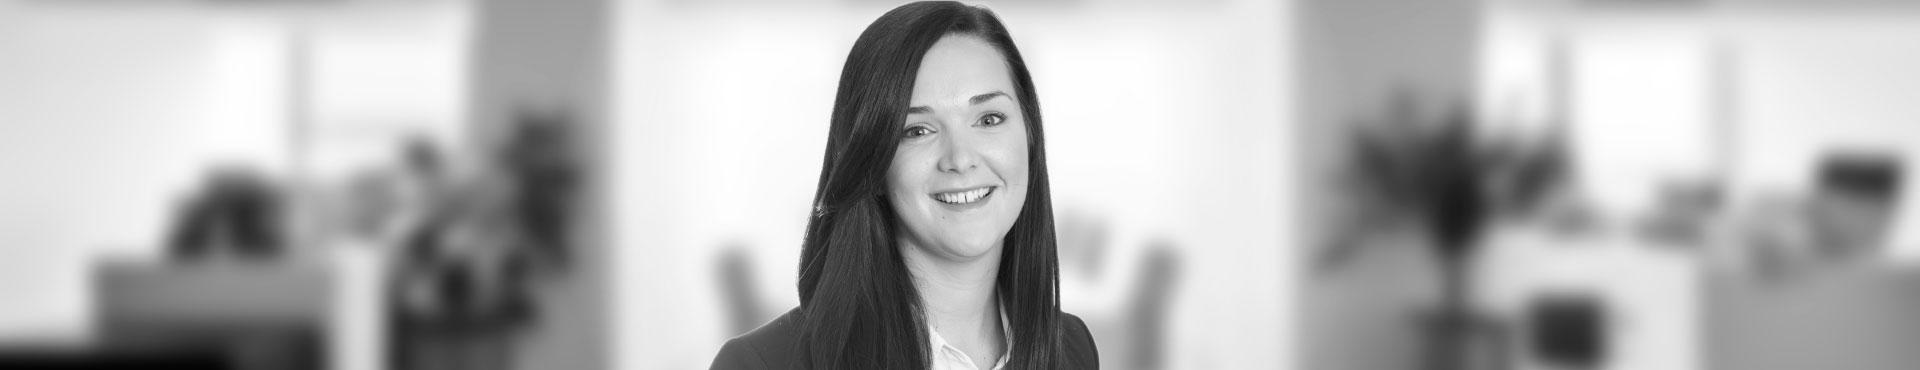 Stephanie McConochie | Shine Lawyers